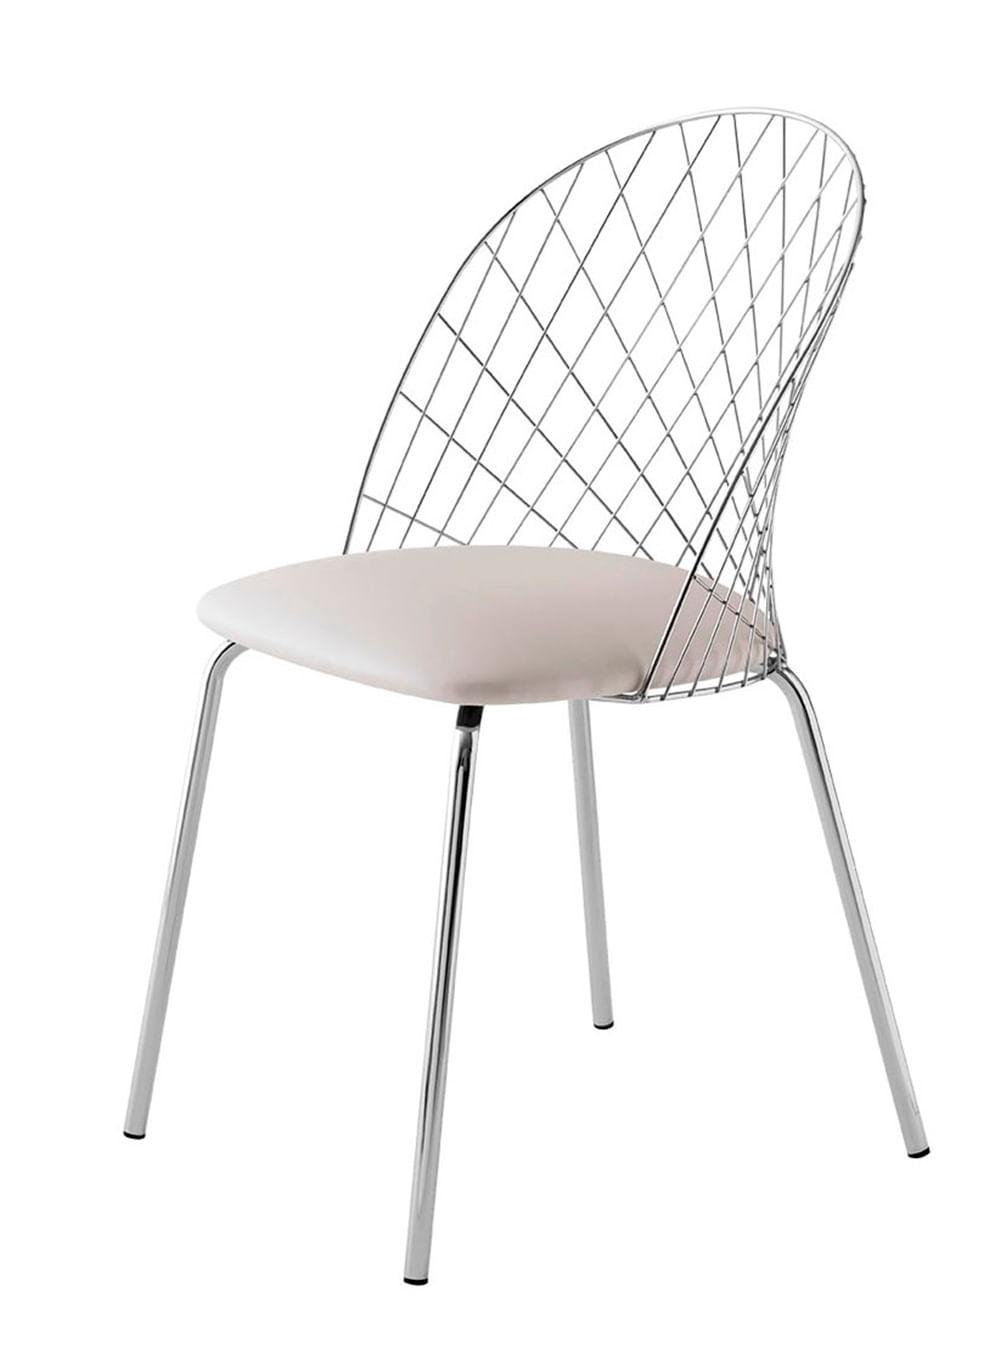 Cadeira Steel Nest Assento Dunas Branco com Pes Cromados - 46856